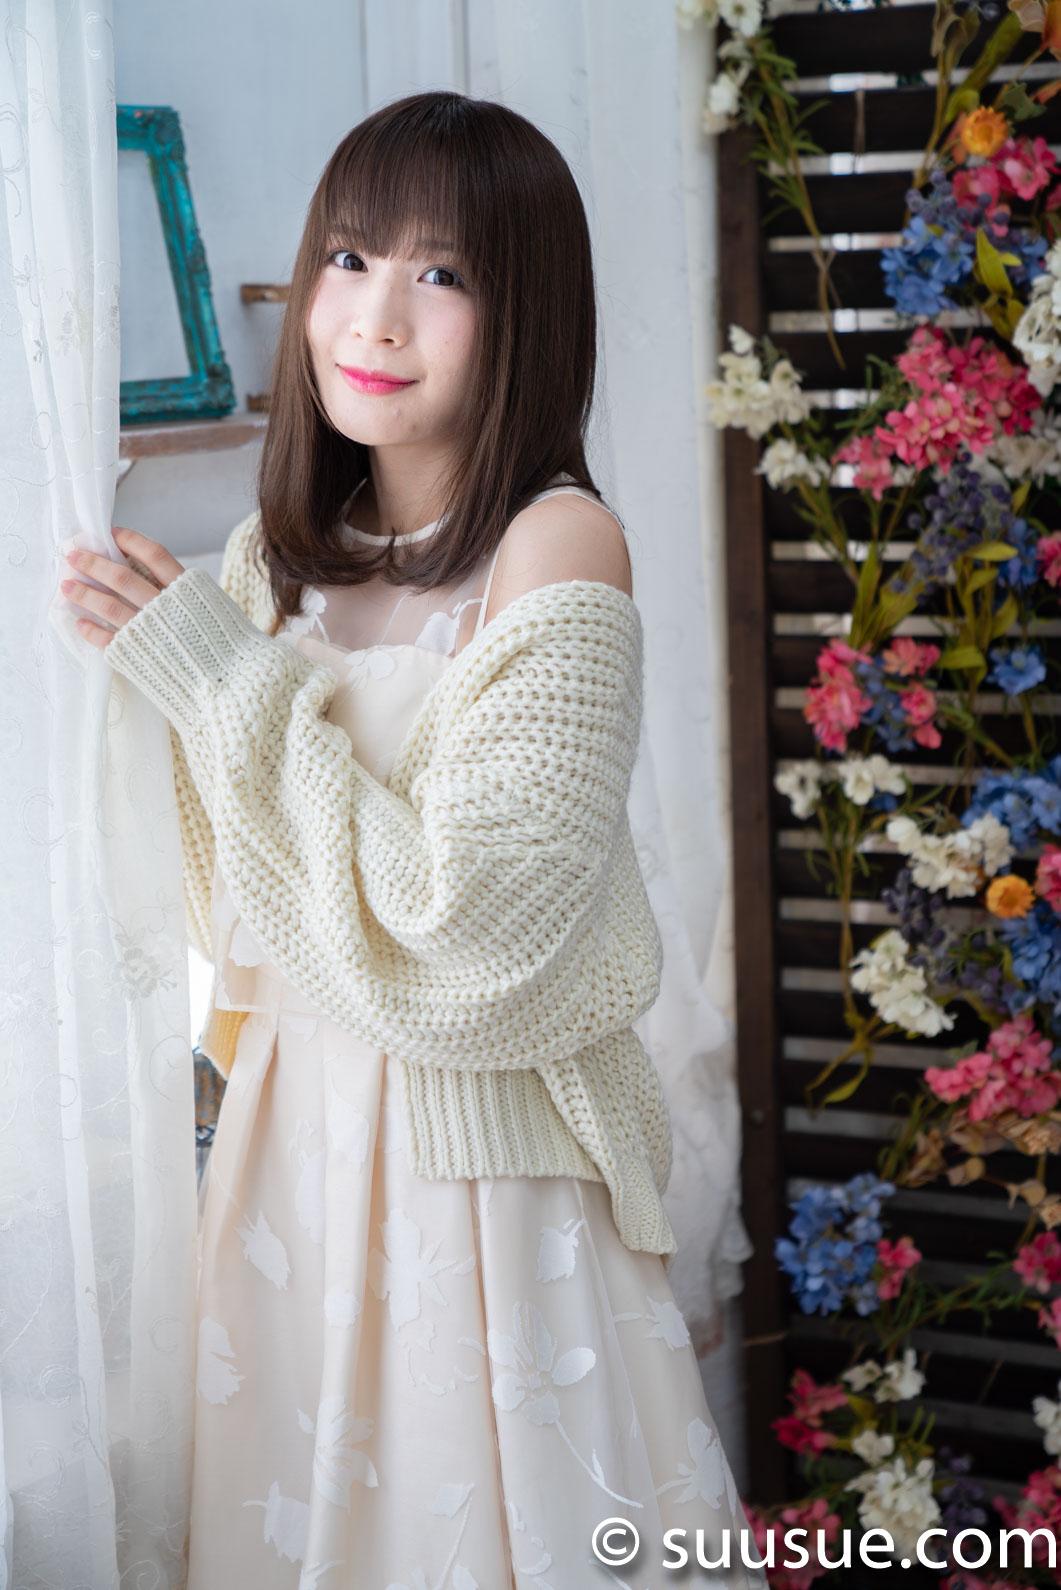 2018/09/22 キャンディフルーツフォトクラブ(ゆいな)